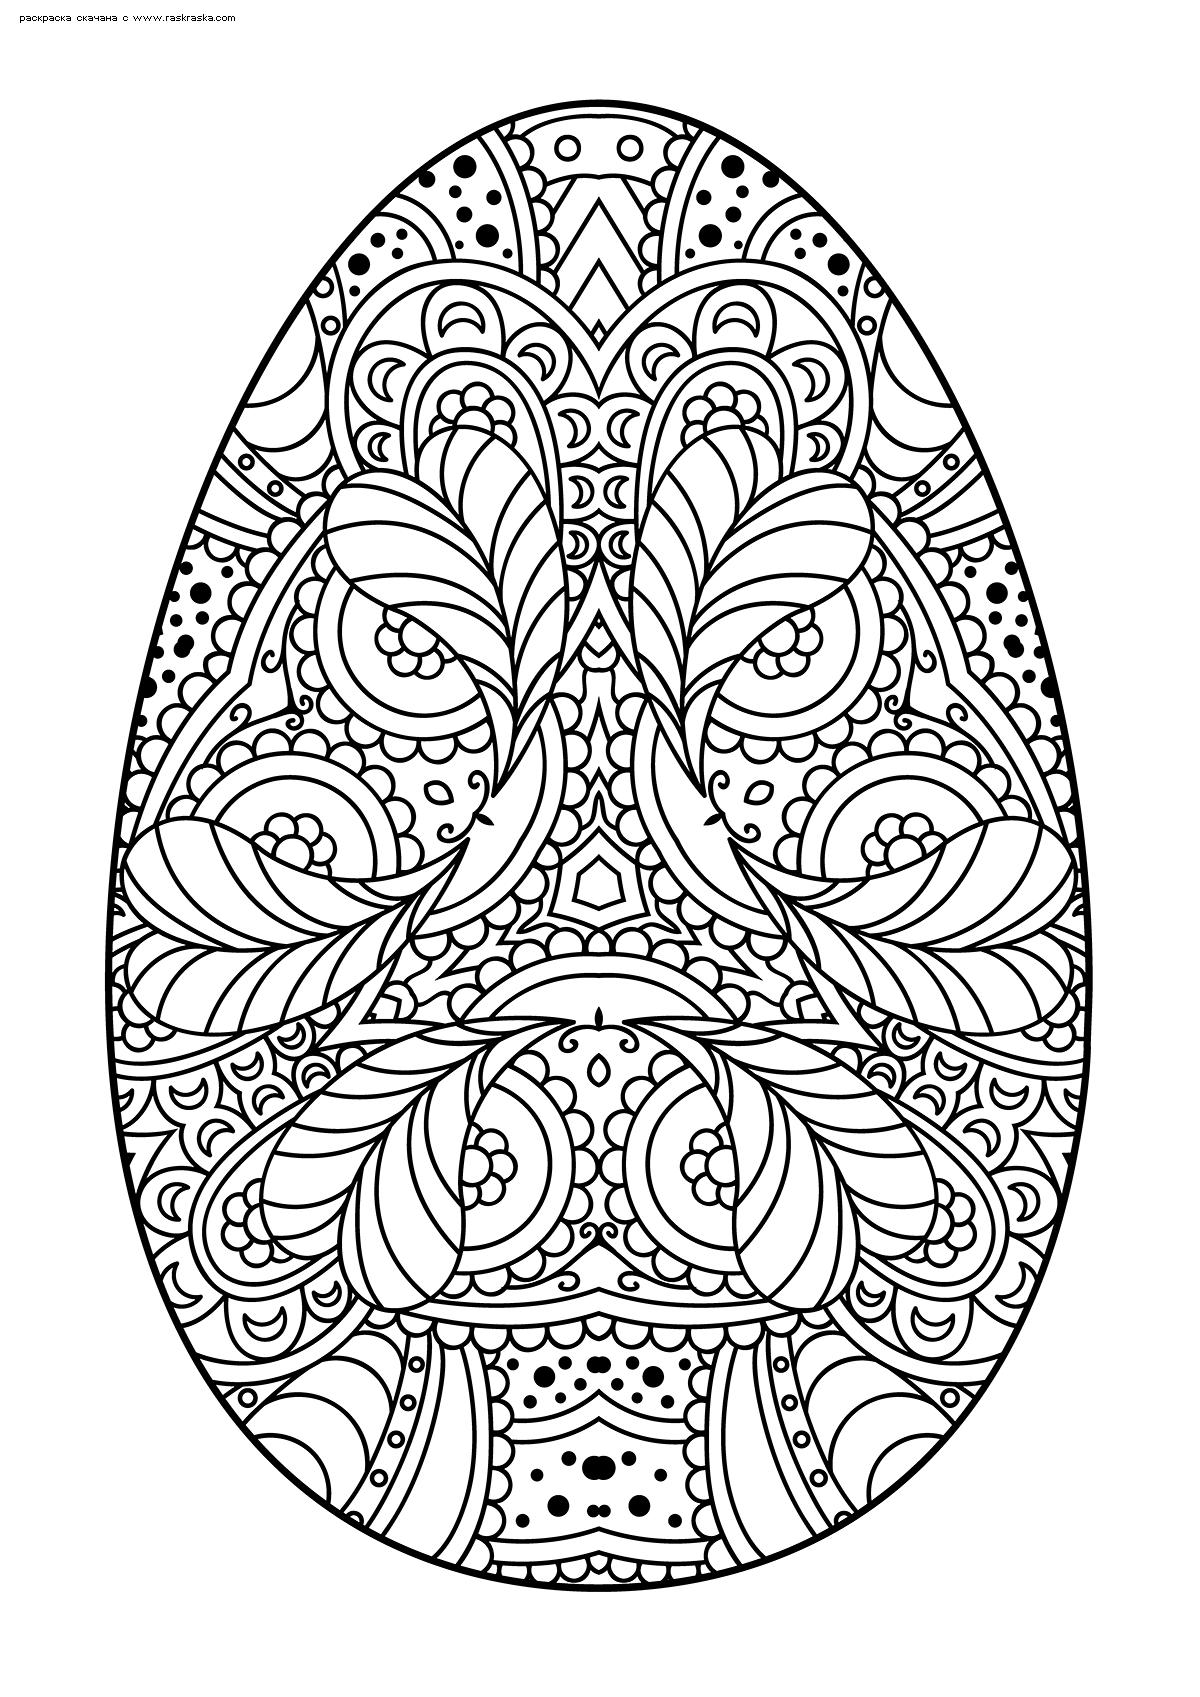 Раскраска Пасхальное яйцо   Раскраски антистресс к Пасхе ...